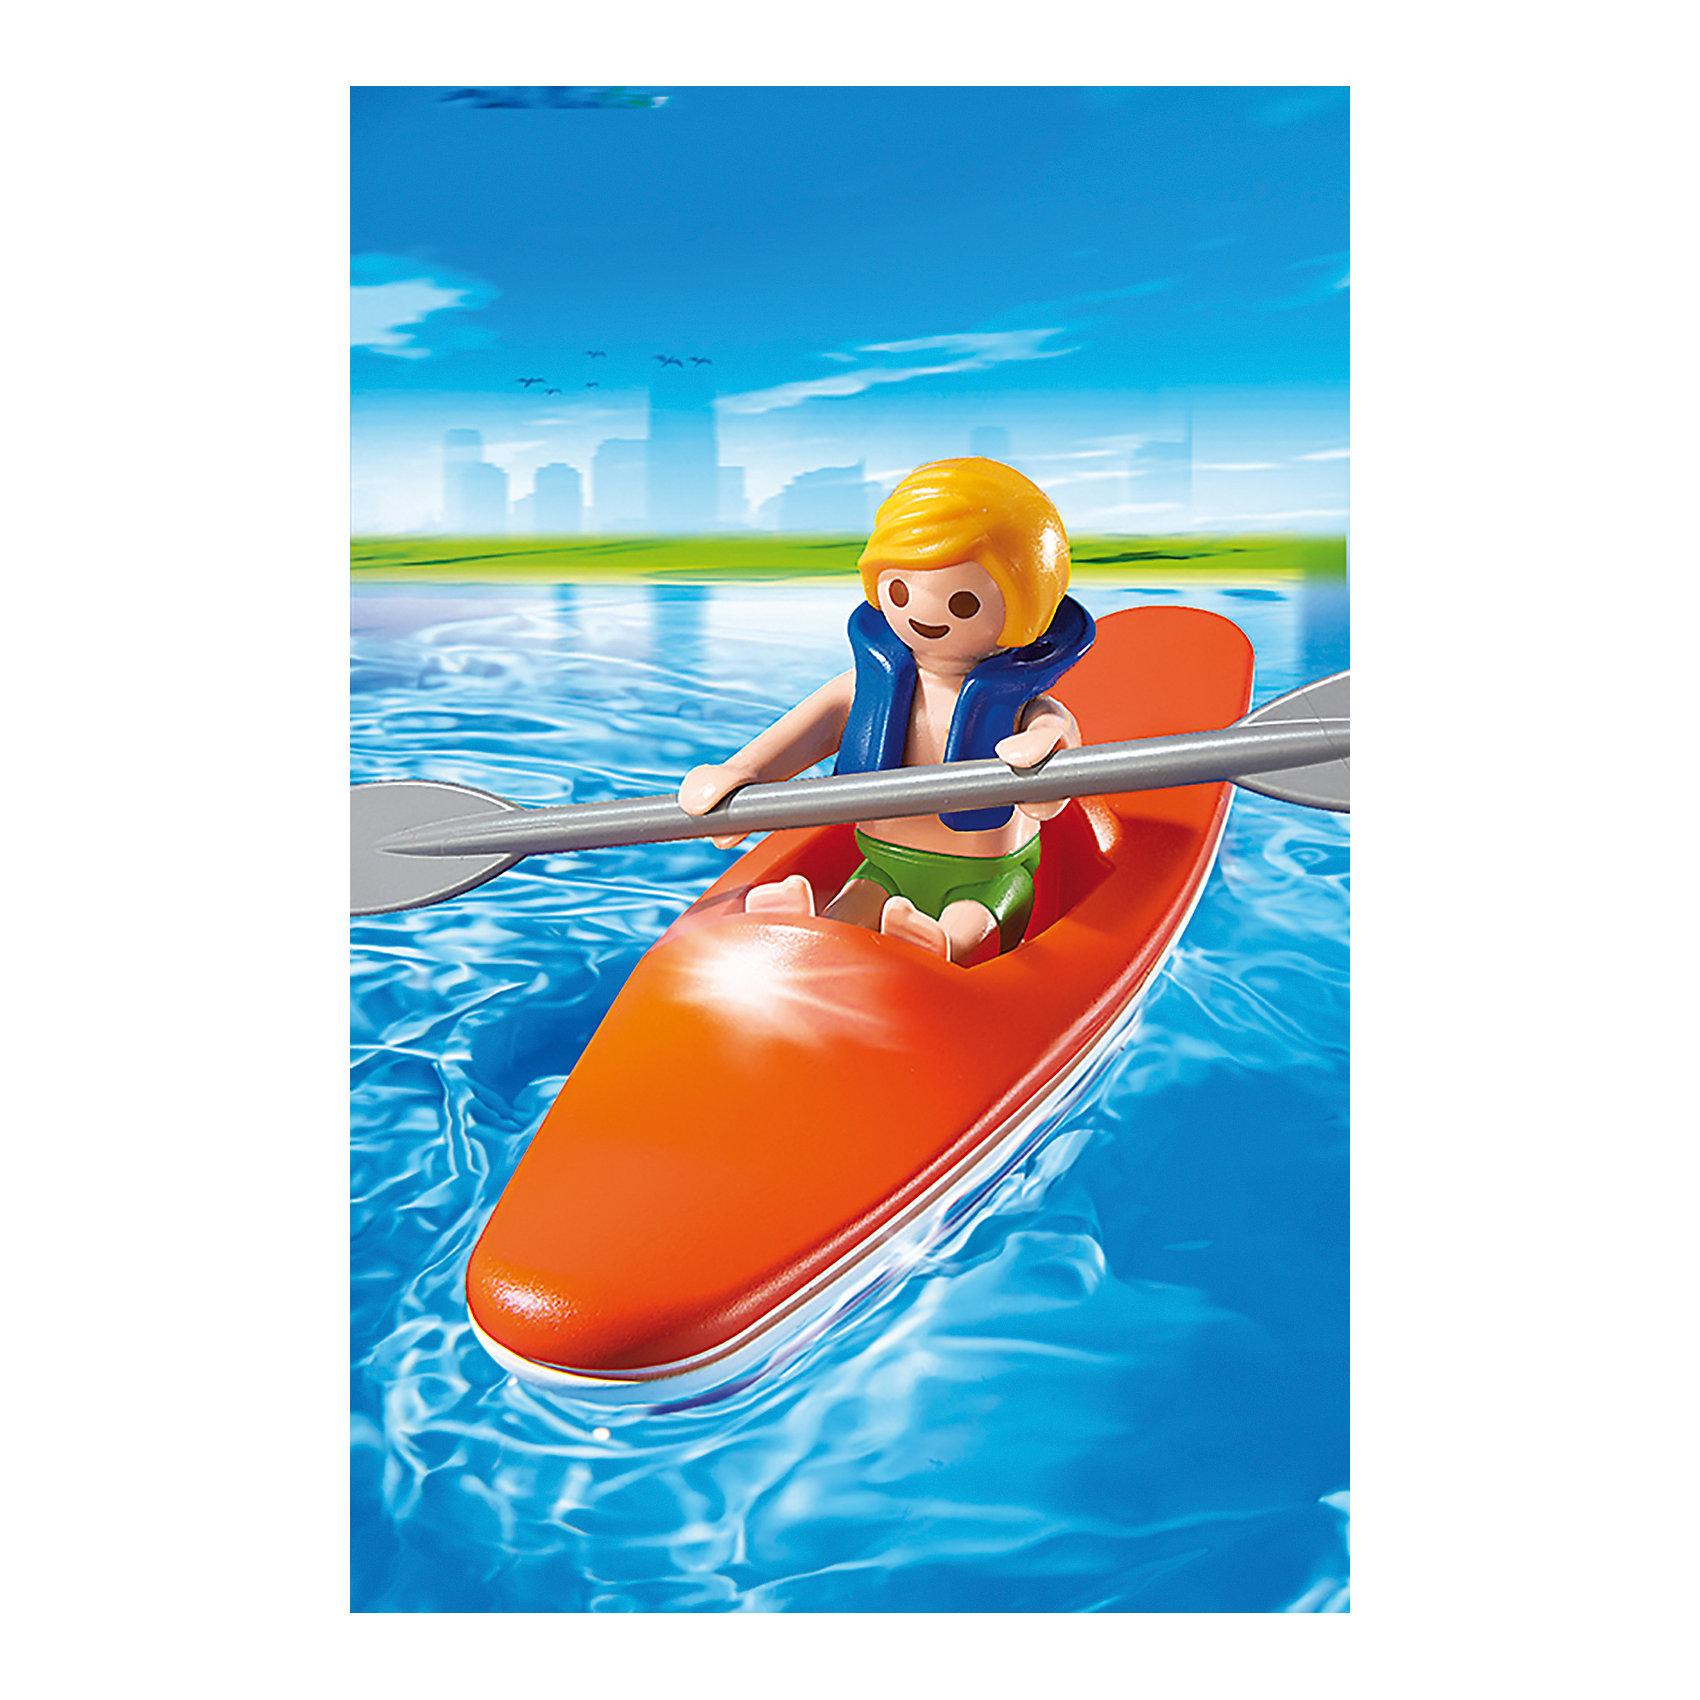 Аквапарк: Ребенок в каяке, PLAYMOBILПластмассовые конструкторы<br>Аквапарк: Ребенок в каяке, PLAYMOBIL (Плэймобил)<br><br>Характеристики:<br><br>• подходит для сюжетно-ролевых игр<br>• в комплекте: мальчик в спасательном жилете, весло, лодка-каяк<br>• материал: пластик<br>• высота фигурки: 5,25 см<br>• размер упаковки: 9,3х4,5х12,4 см<br>• вес: 60 грамм<br><br>Набор из серии Аквапарк от Плэймобил отлично дополнит коллекцию игрушек ребенка и поможет ему придумать приключения мальчика в каяке. В набор входит фигурка ребенка в спасательном жилете, лодка-каяк и весло, которое идеально помещается в руки фигурки. Все детали изготовлены из нетоксичного пластика, безопасного для детей. Игра поможет развить моторику рук, координацию и воображение.<br><br>Аквапарк: Ребенок в каяке, PLAYMOBIL (Плэймобил) вы можете купить в нашем интернет-магазине.<br><br>Ширина мм: 148<br>Глубина мм: 93<br>Высота мм: 49<br>Вес г: 57<br>Возраст от месяцев: 48<br>Возраст до месяцев: 120<br>Пол: Унисекс<br>Возраст: Детский<br>SKU: 3786439